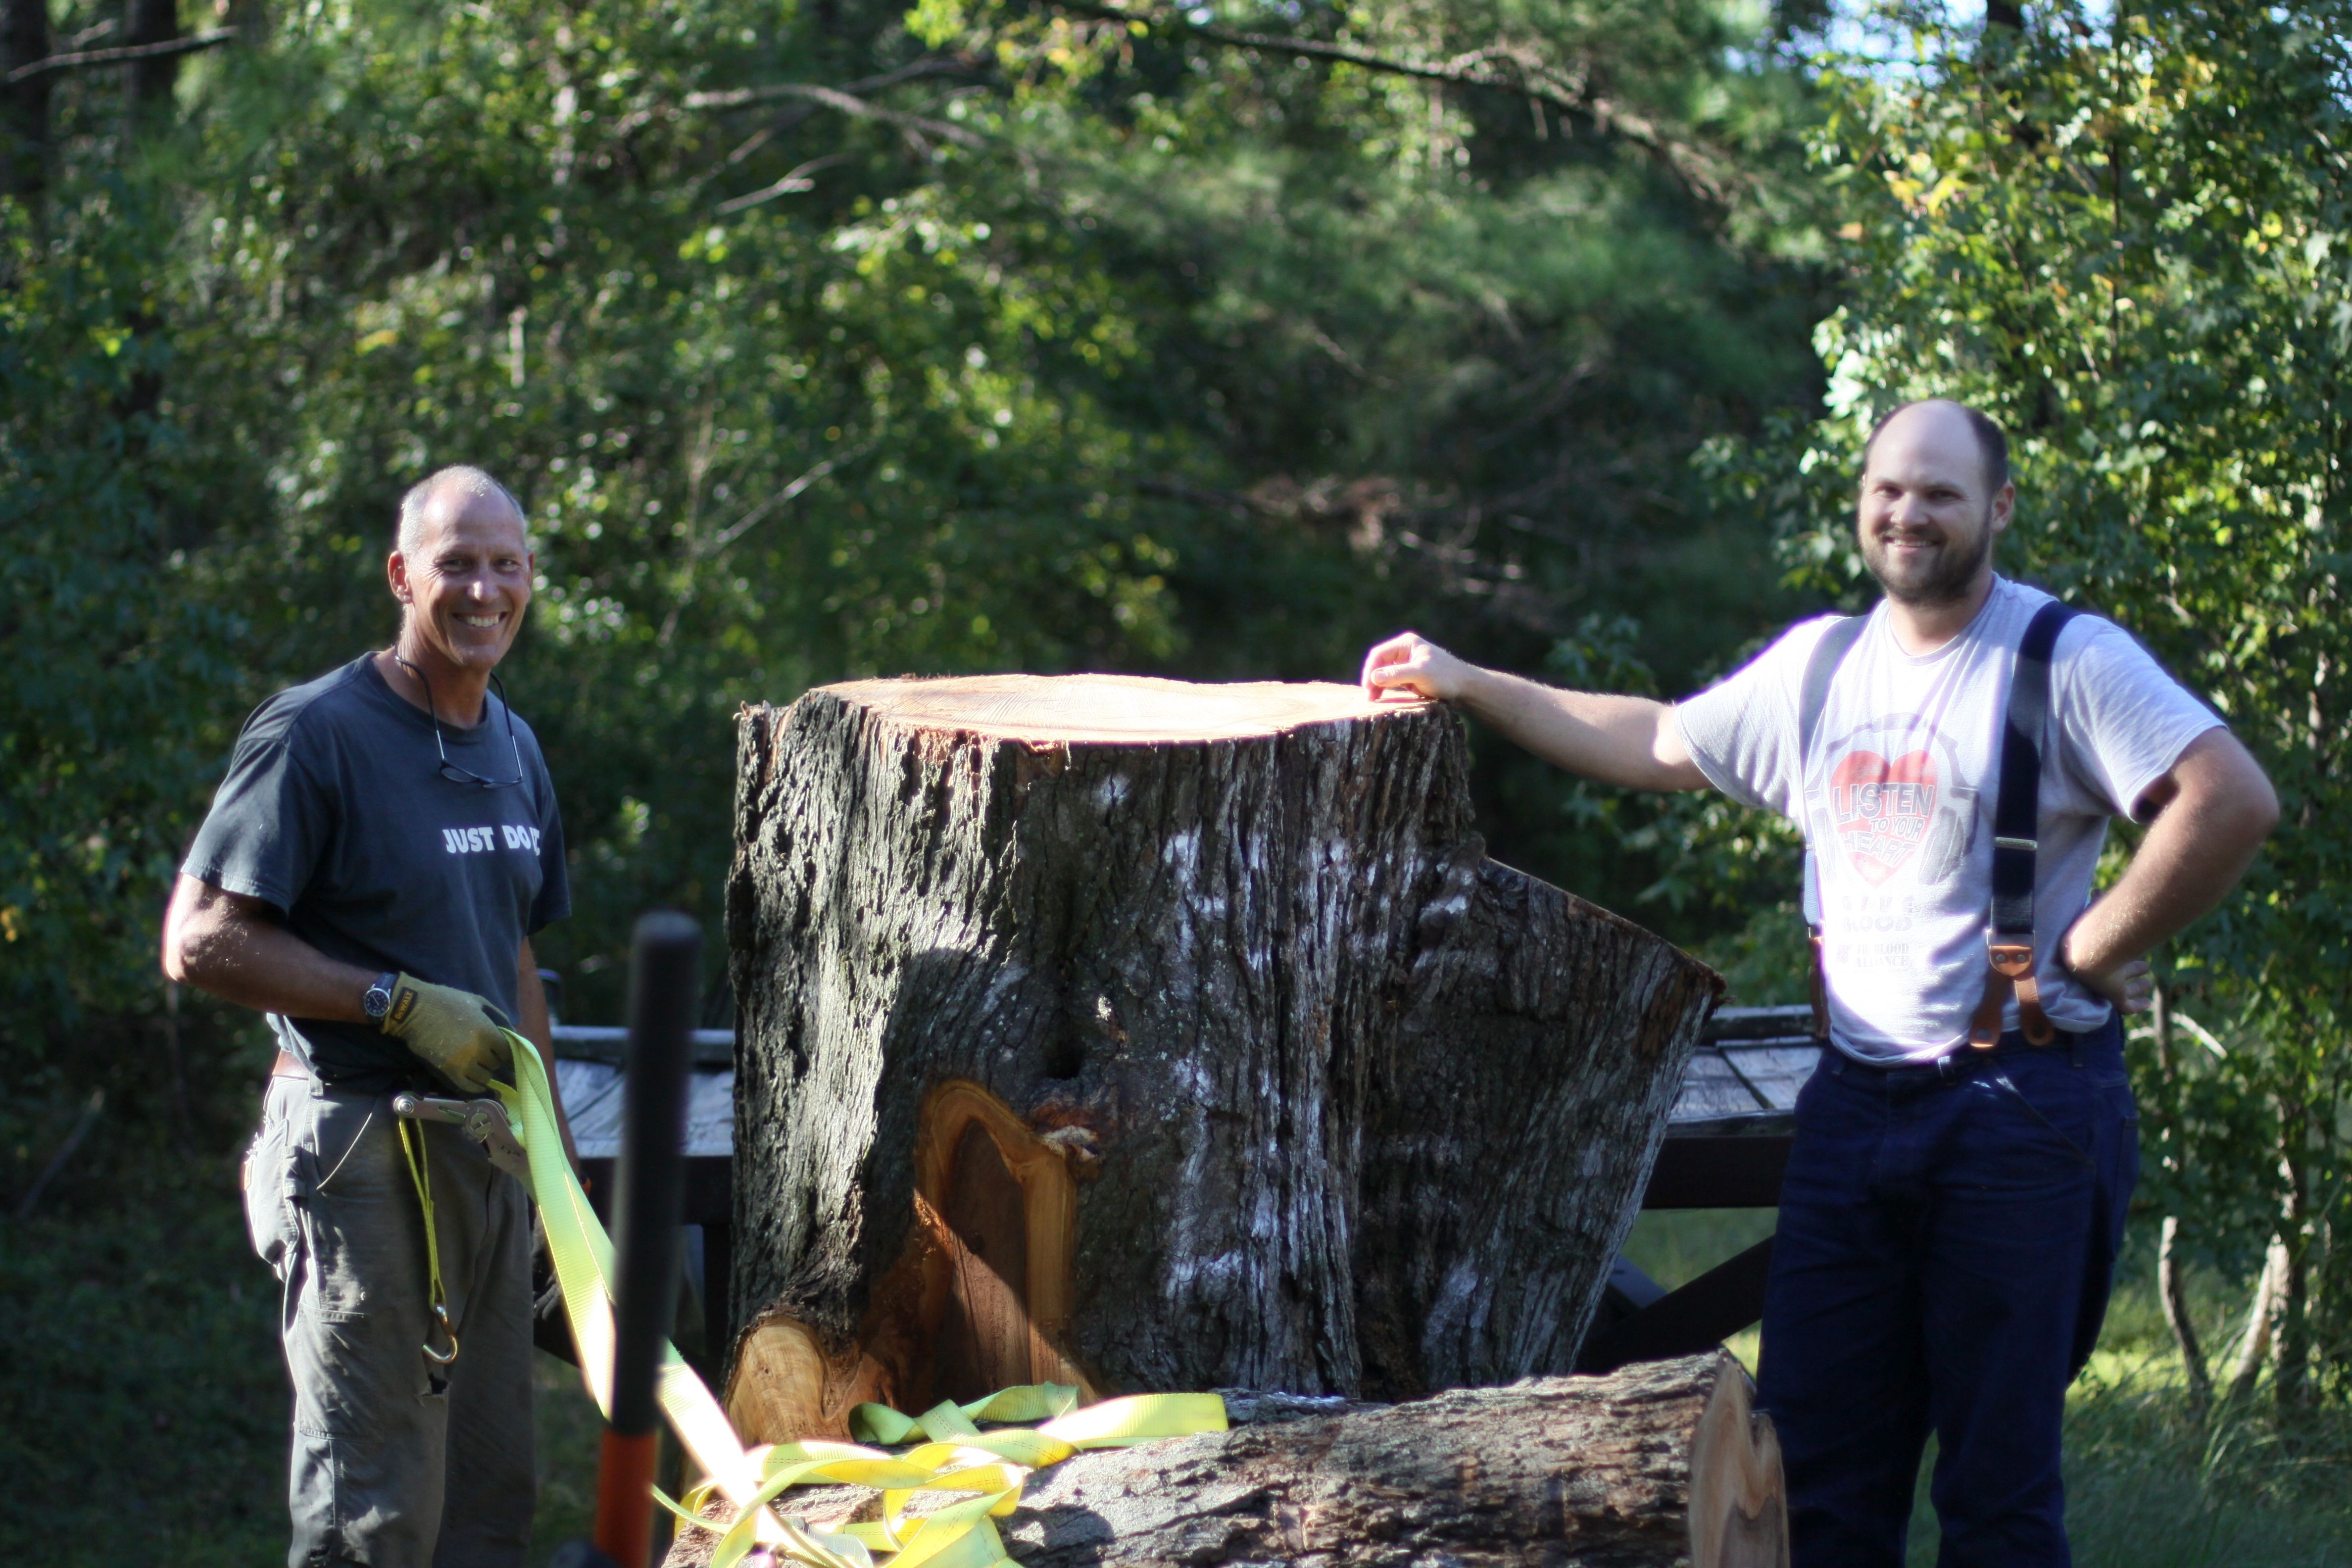 Charley Ward (r.) and Bart Haigh are saving Savannah's historic trees from the landfill.